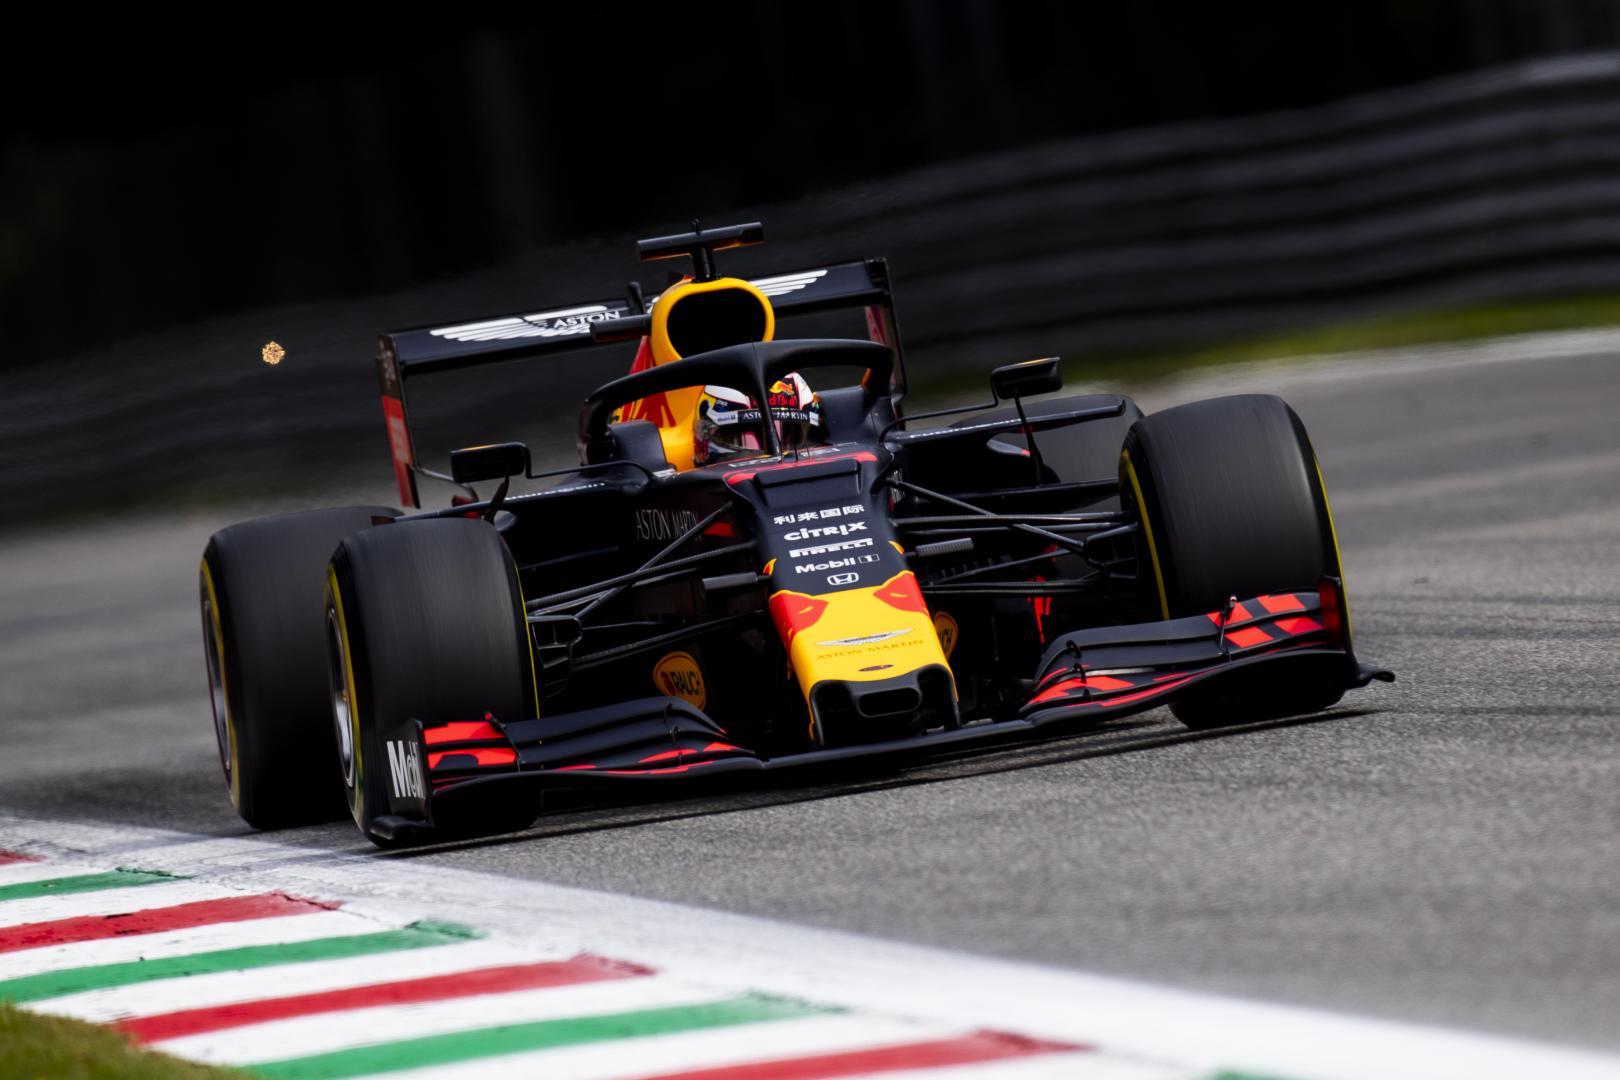 Uitslag van de GP van Italië 2019